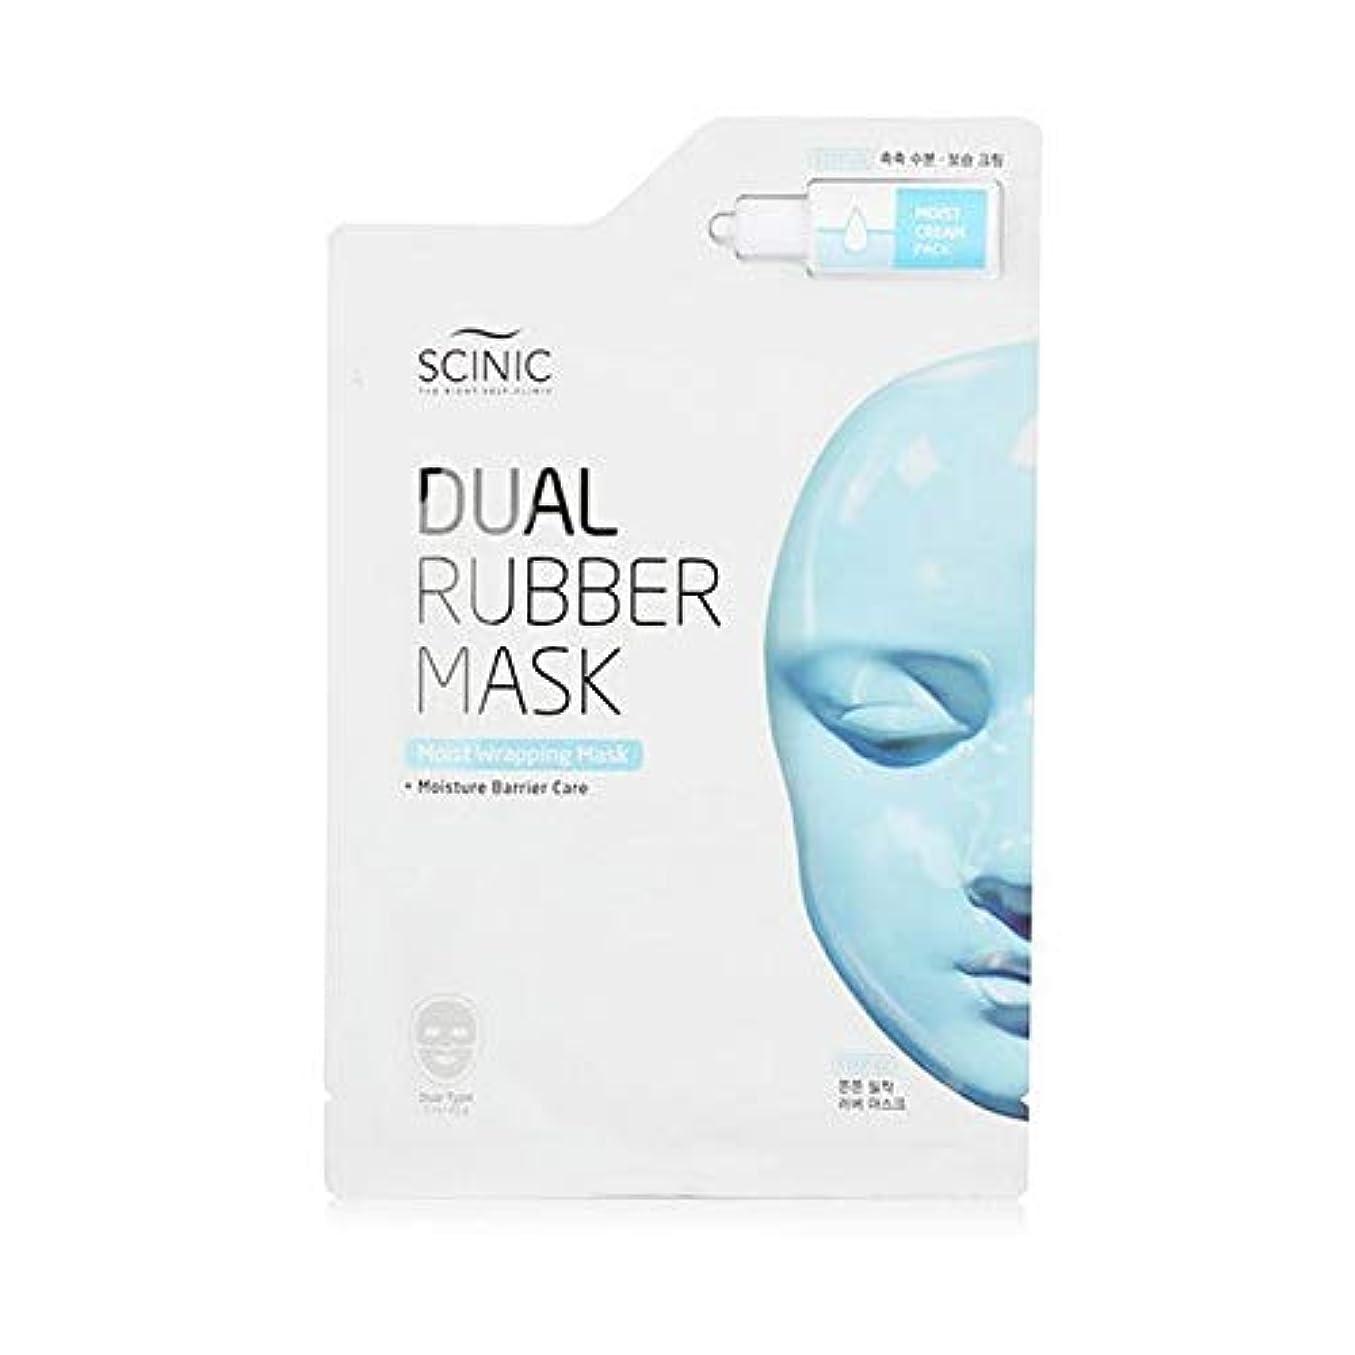 暖かさ自体蒸留[Scinic] Scinicデュアル水分ラッピングマスク - Scinic Dual Moisture Wrapping Mask [並行輸入品]